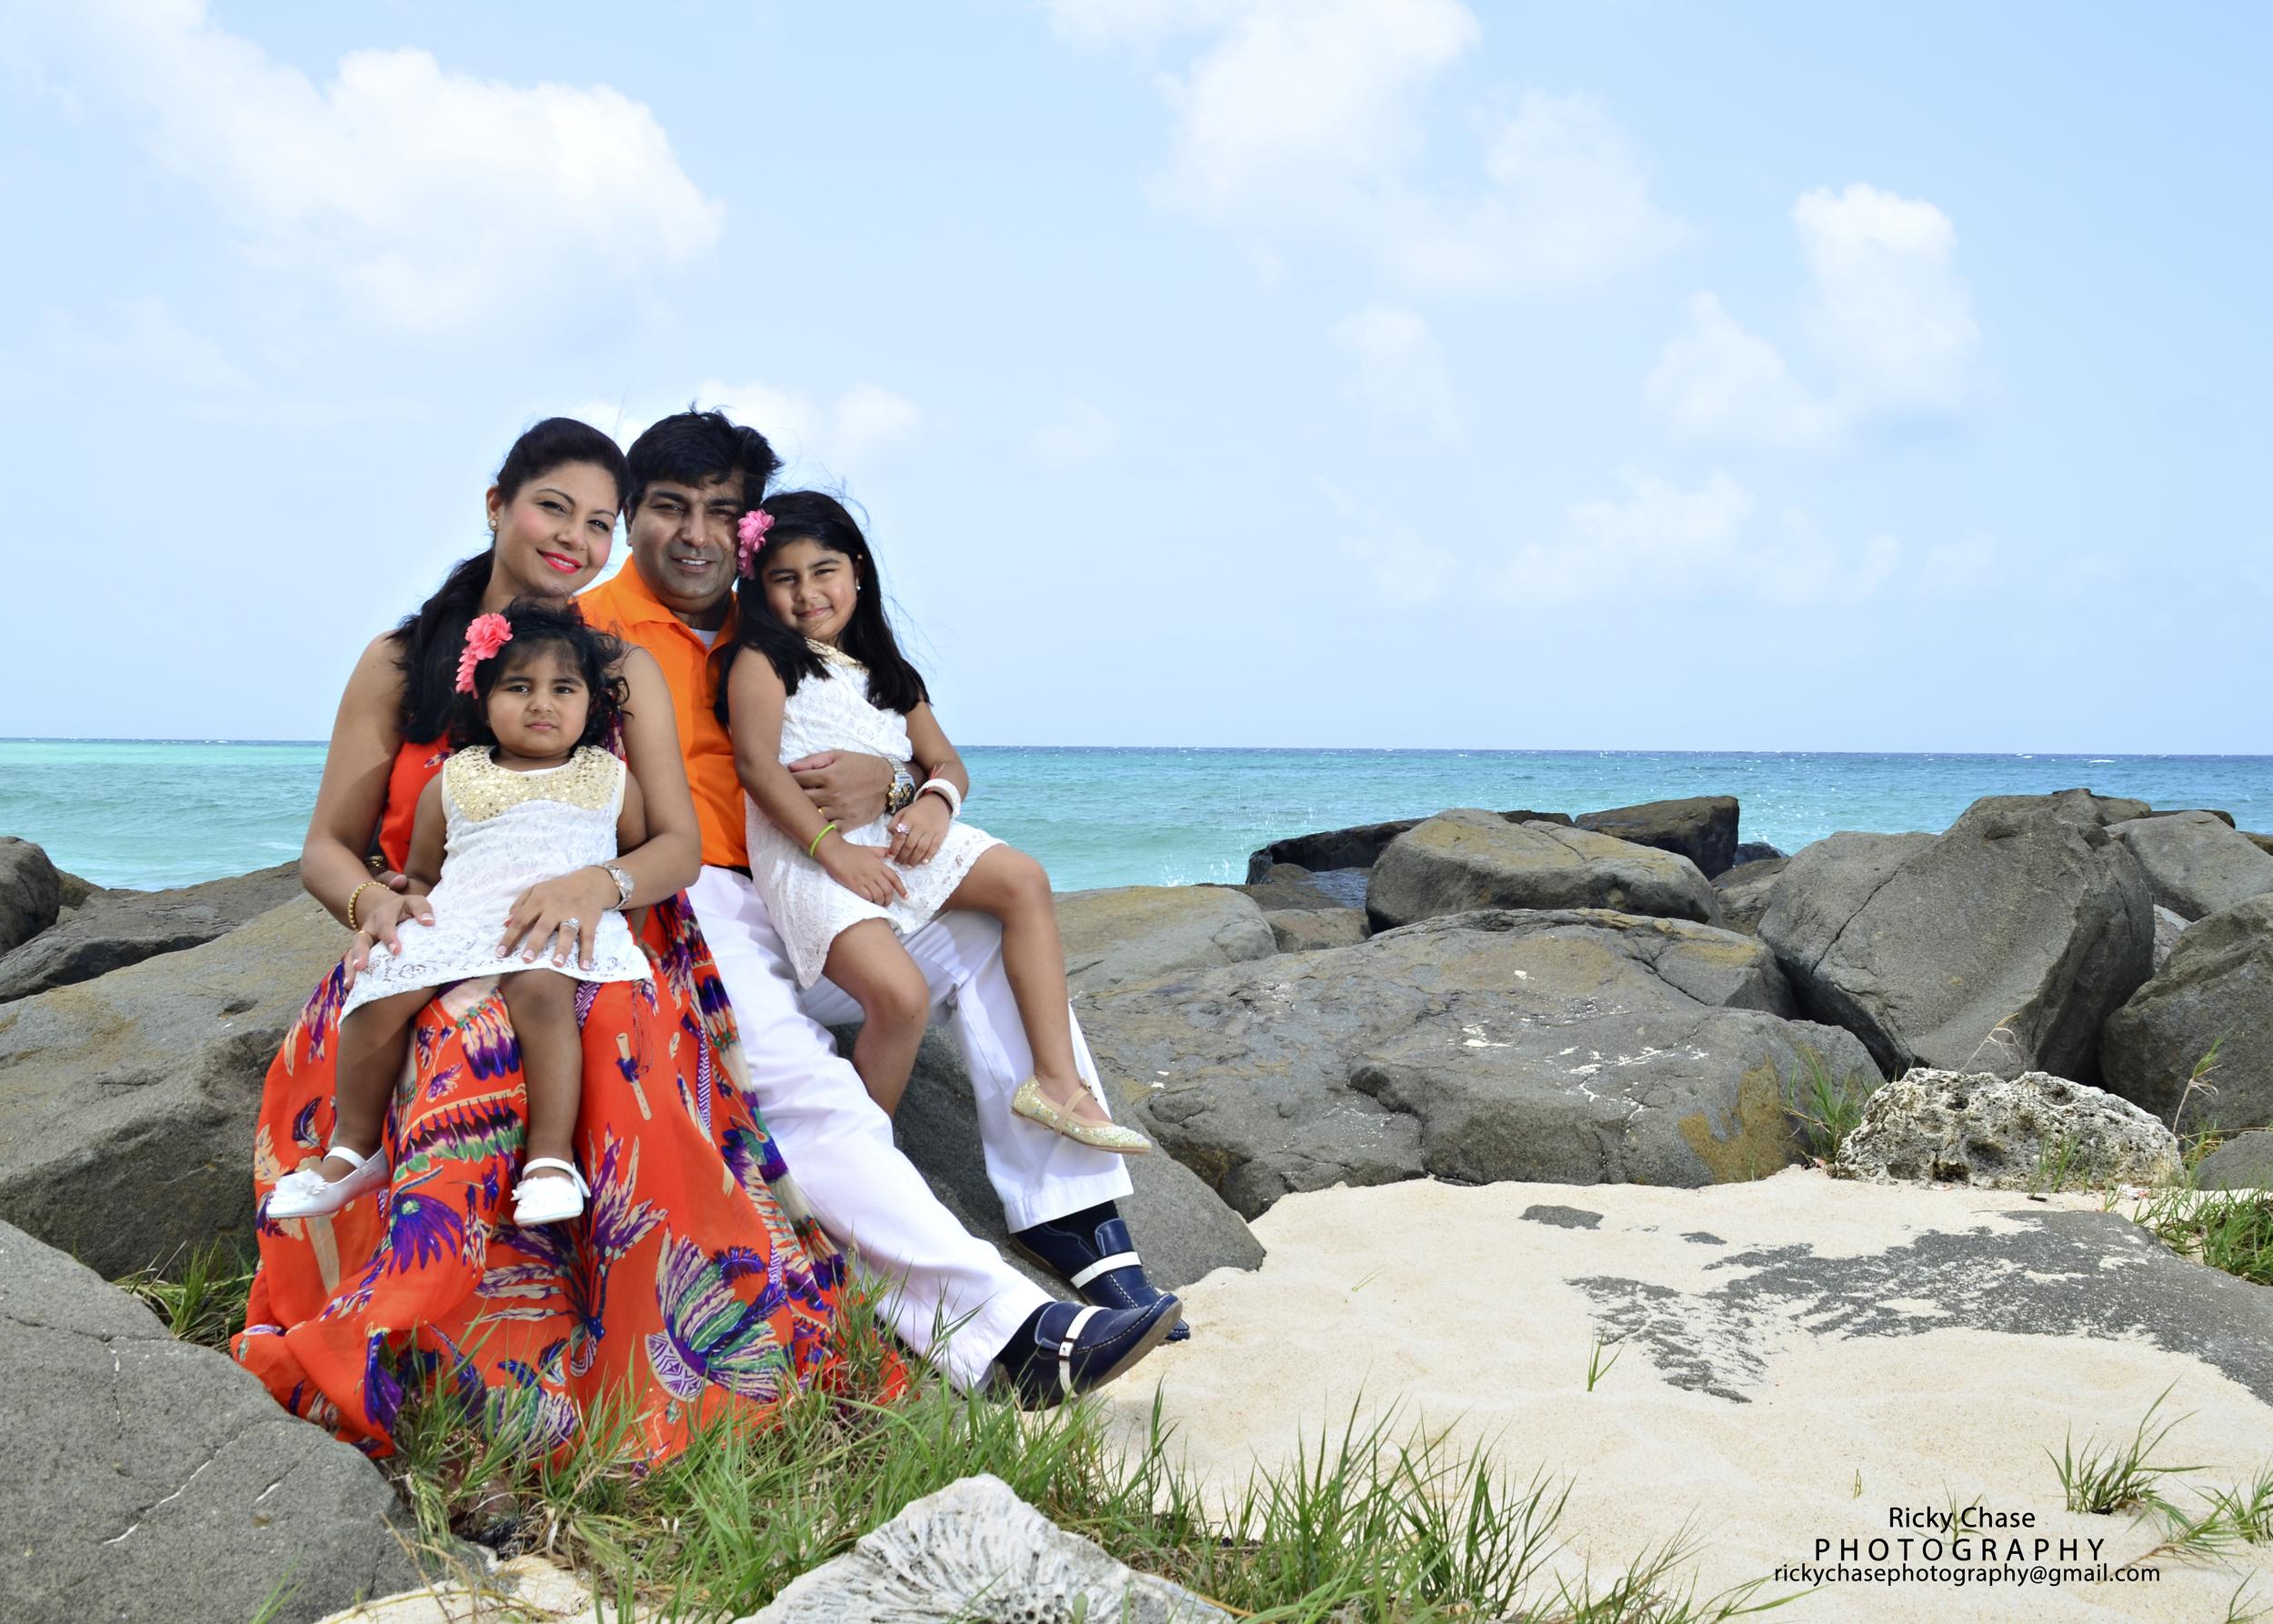 Mukta & Family photo shoot at the Hilton Hotel